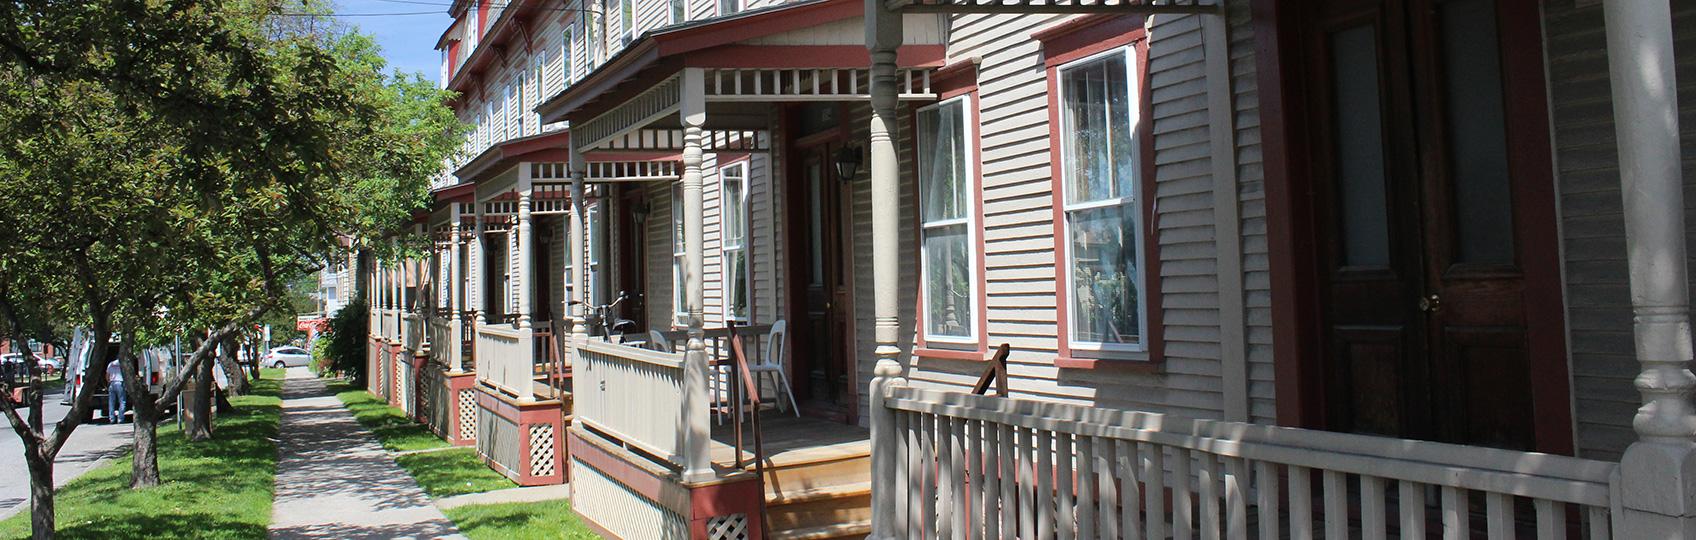 chittenden-county-multi-family-homes-for-sale.jpg